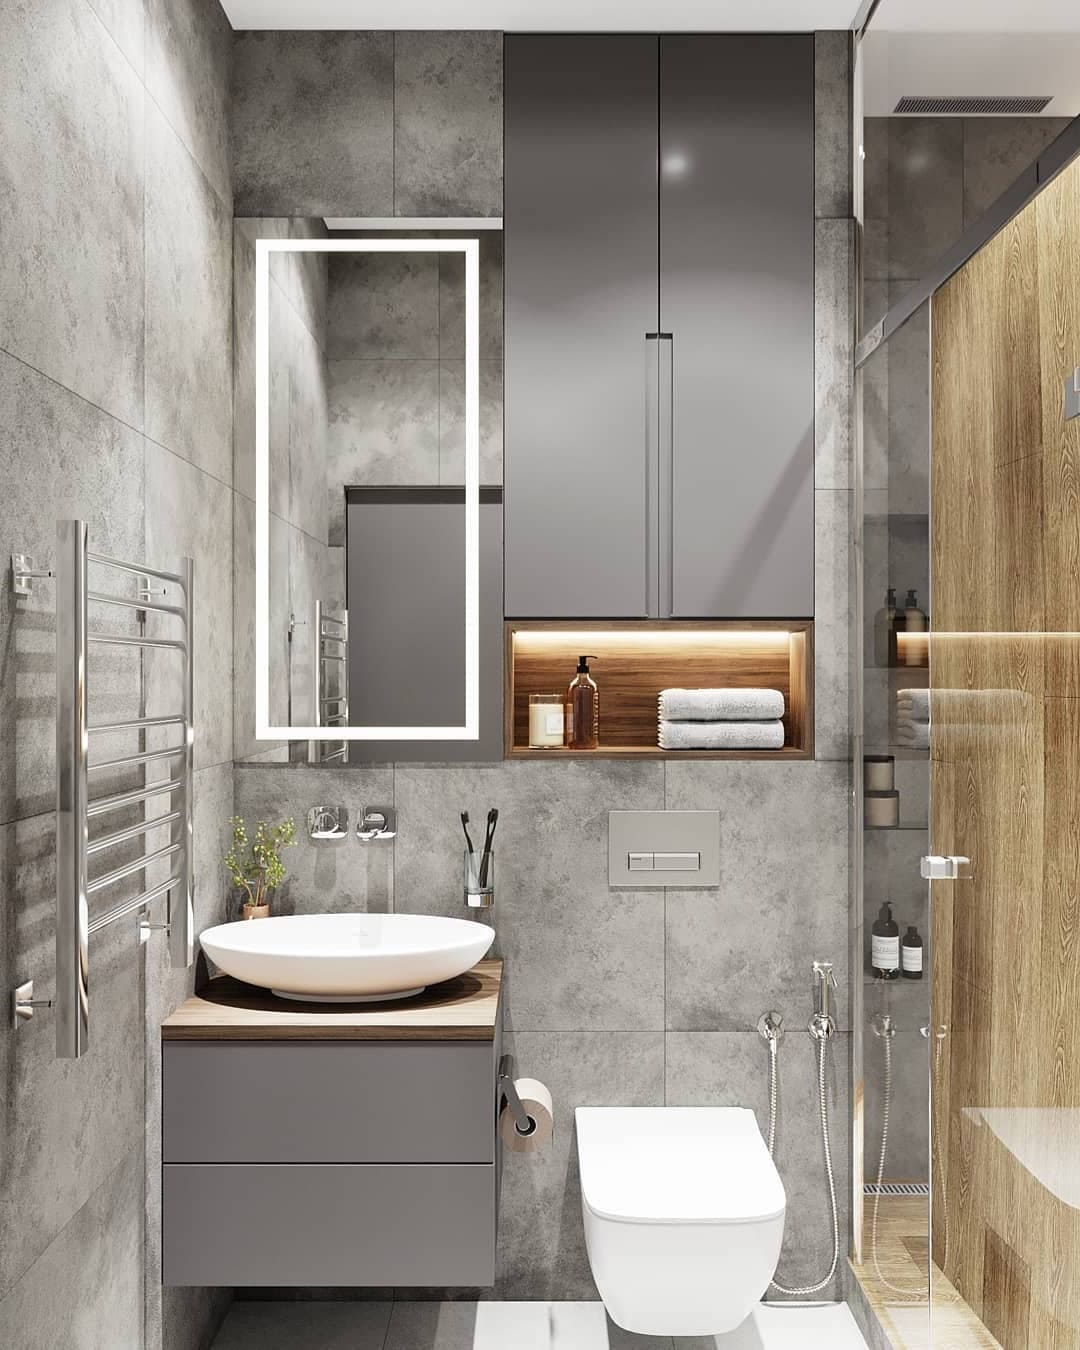 дизайн интерьера ванной комнаты фото 55